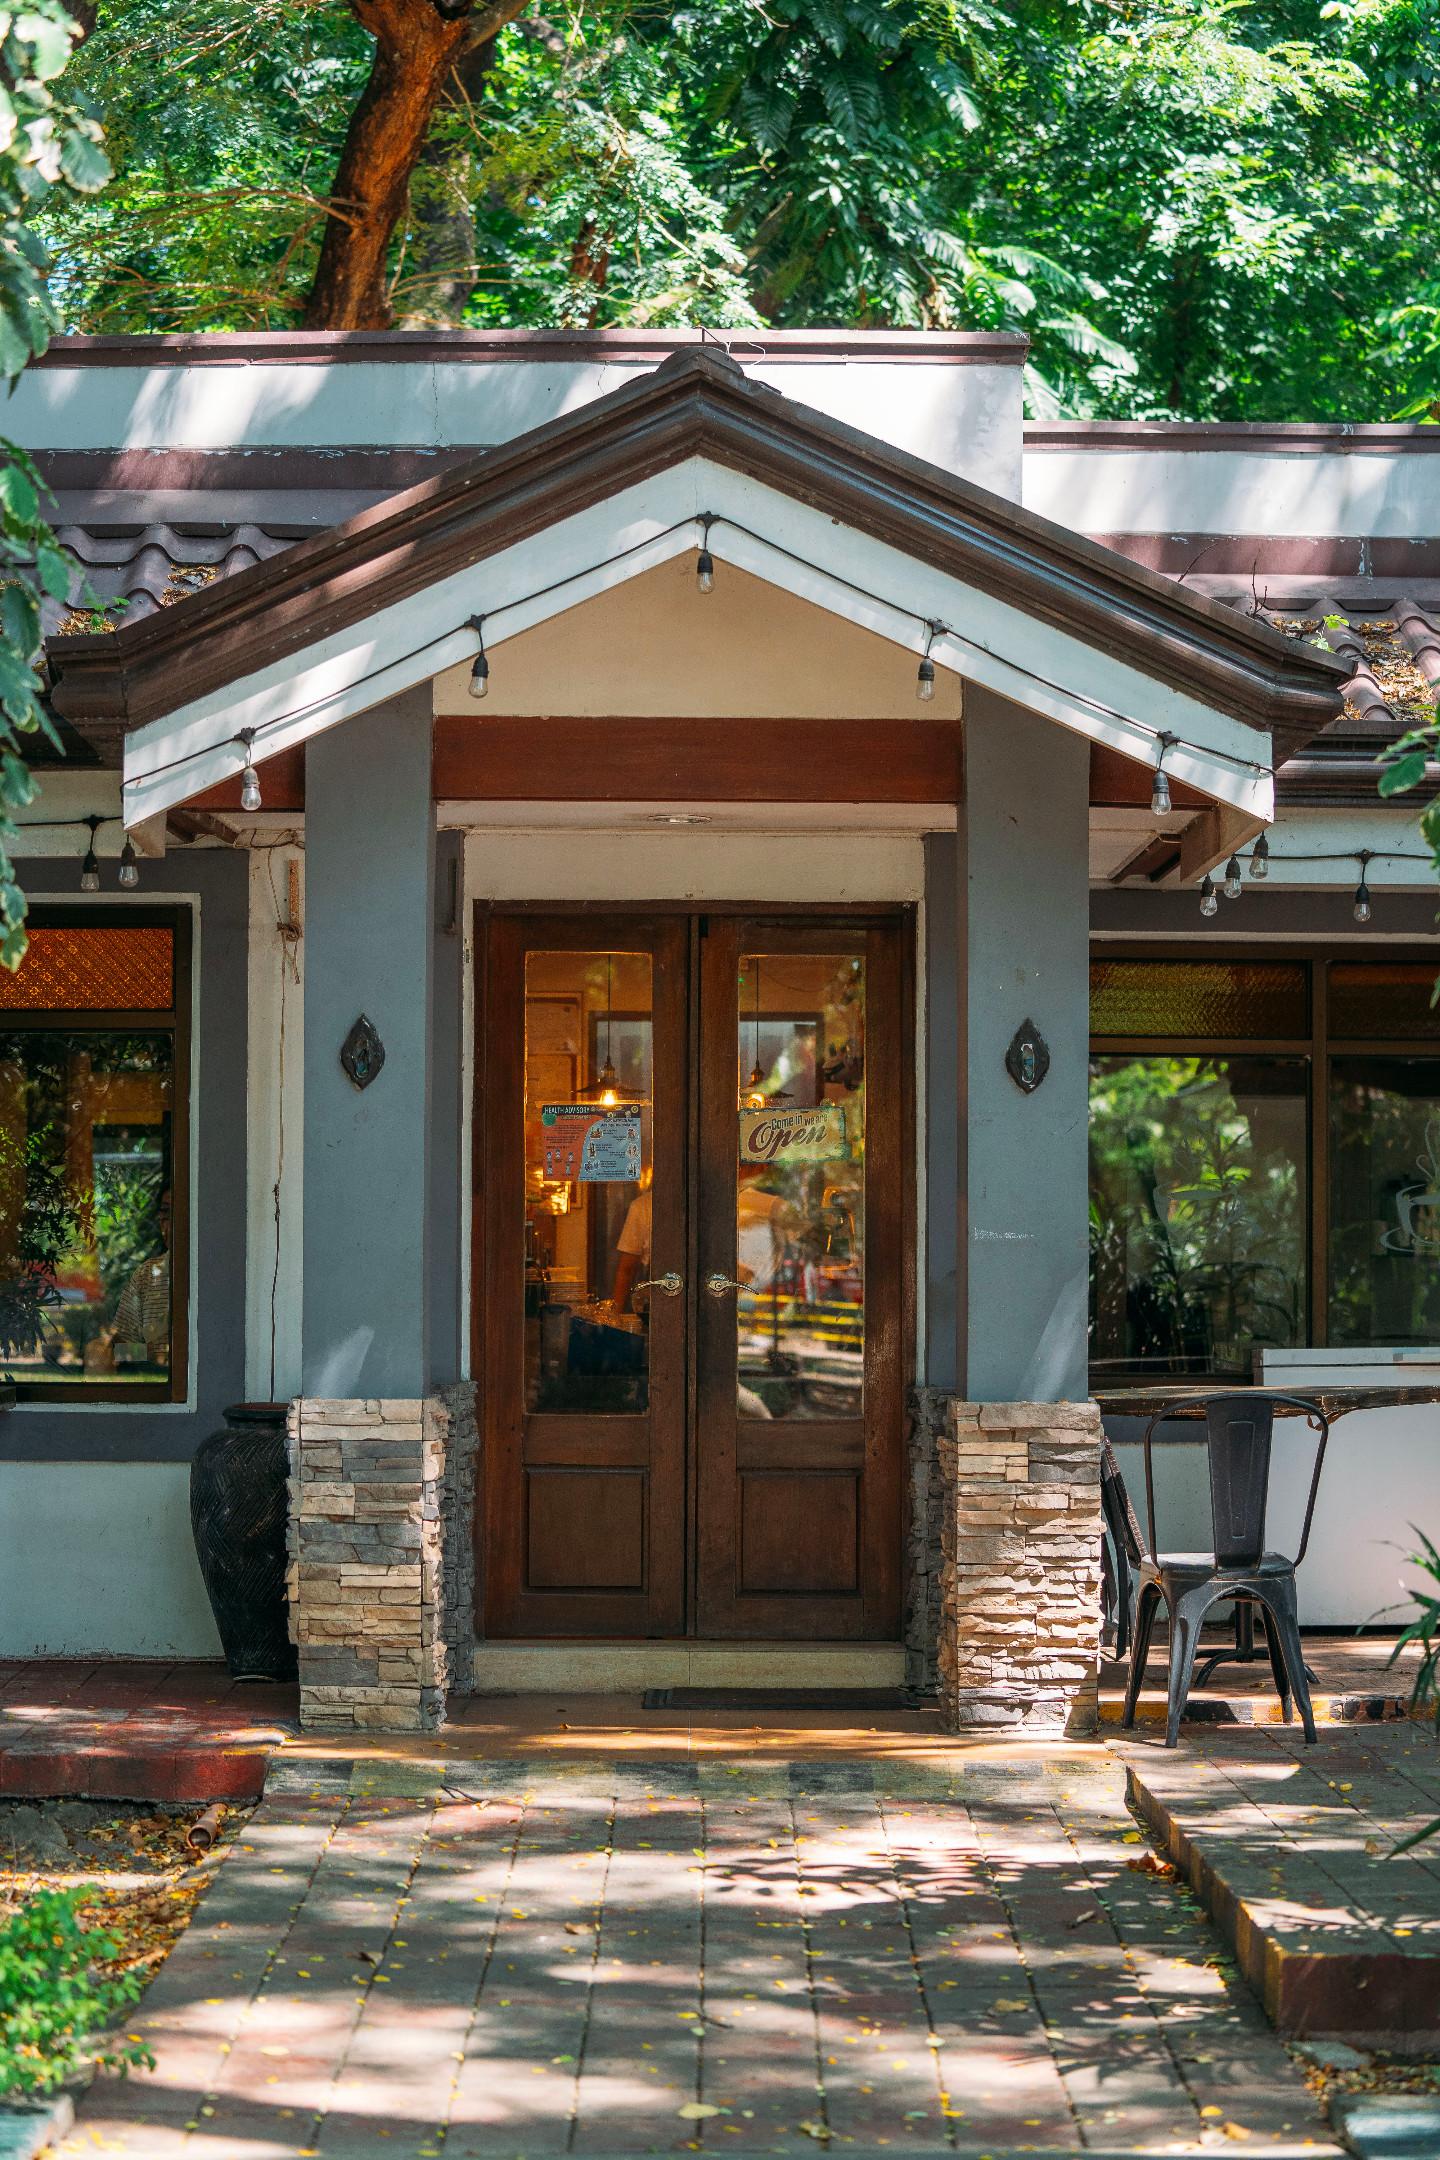 Exterior of Braiser's The Village Cafe Parañaque